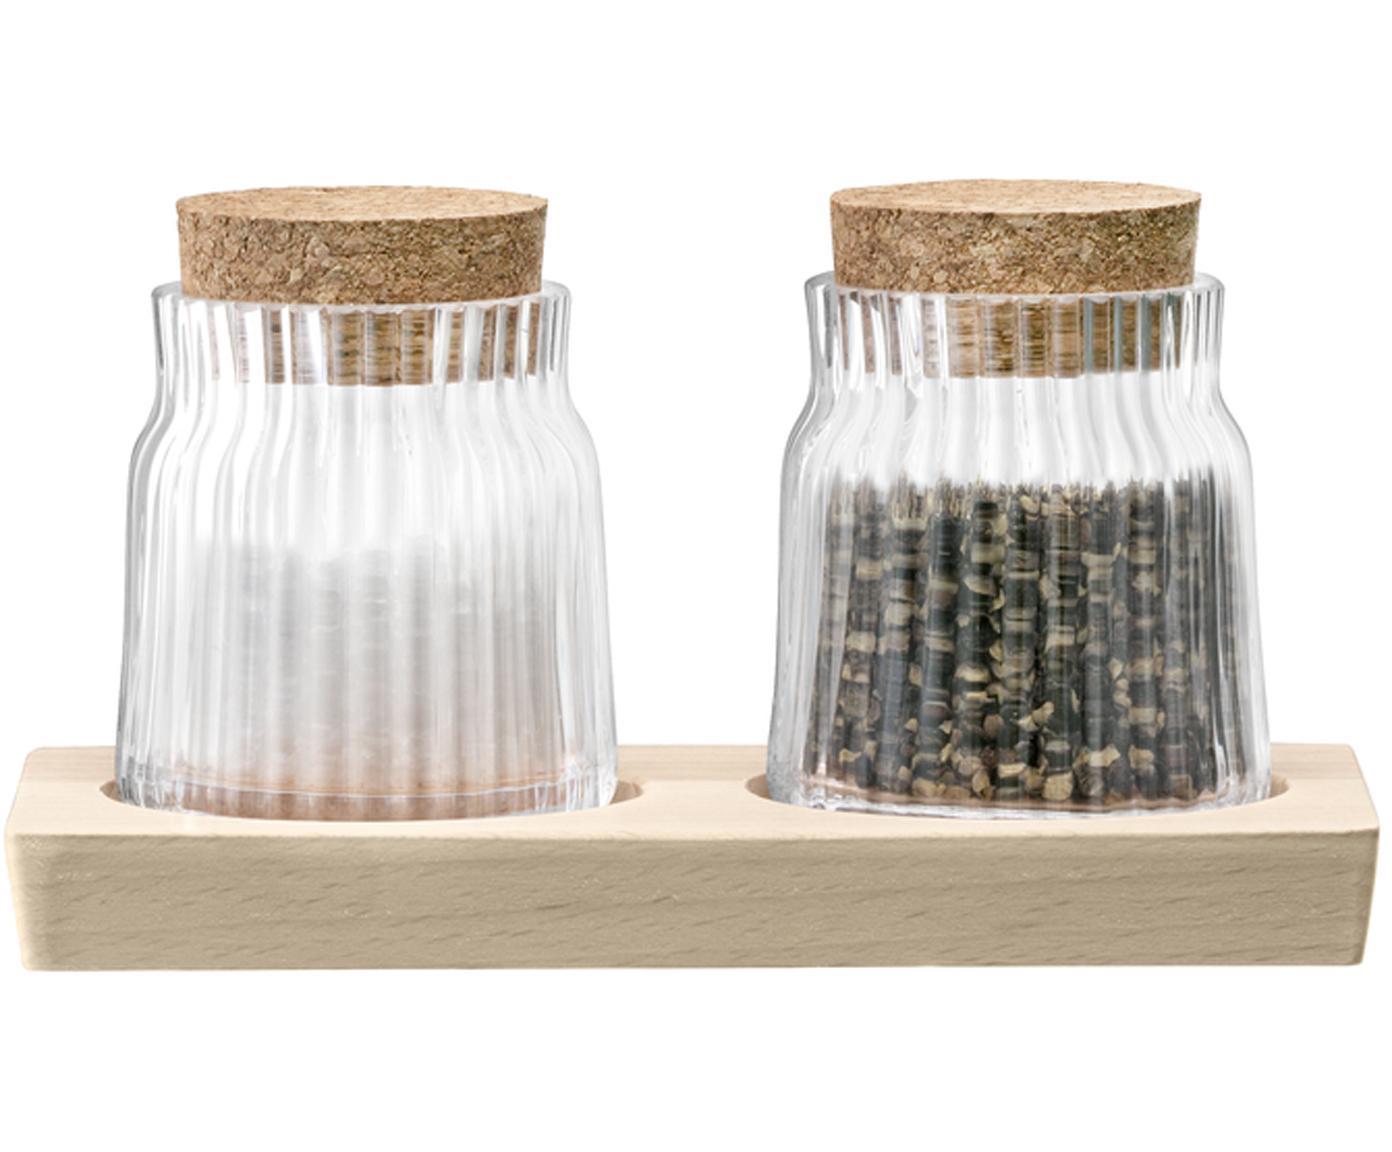 Zout- en peperstrooier-set Gio Line met groefreliëf, 3-delig, Houder: glas, Sluiting: kurk, Dienblad: beukenhout, Transparant, kurkkleurig, 16 x 9 cm